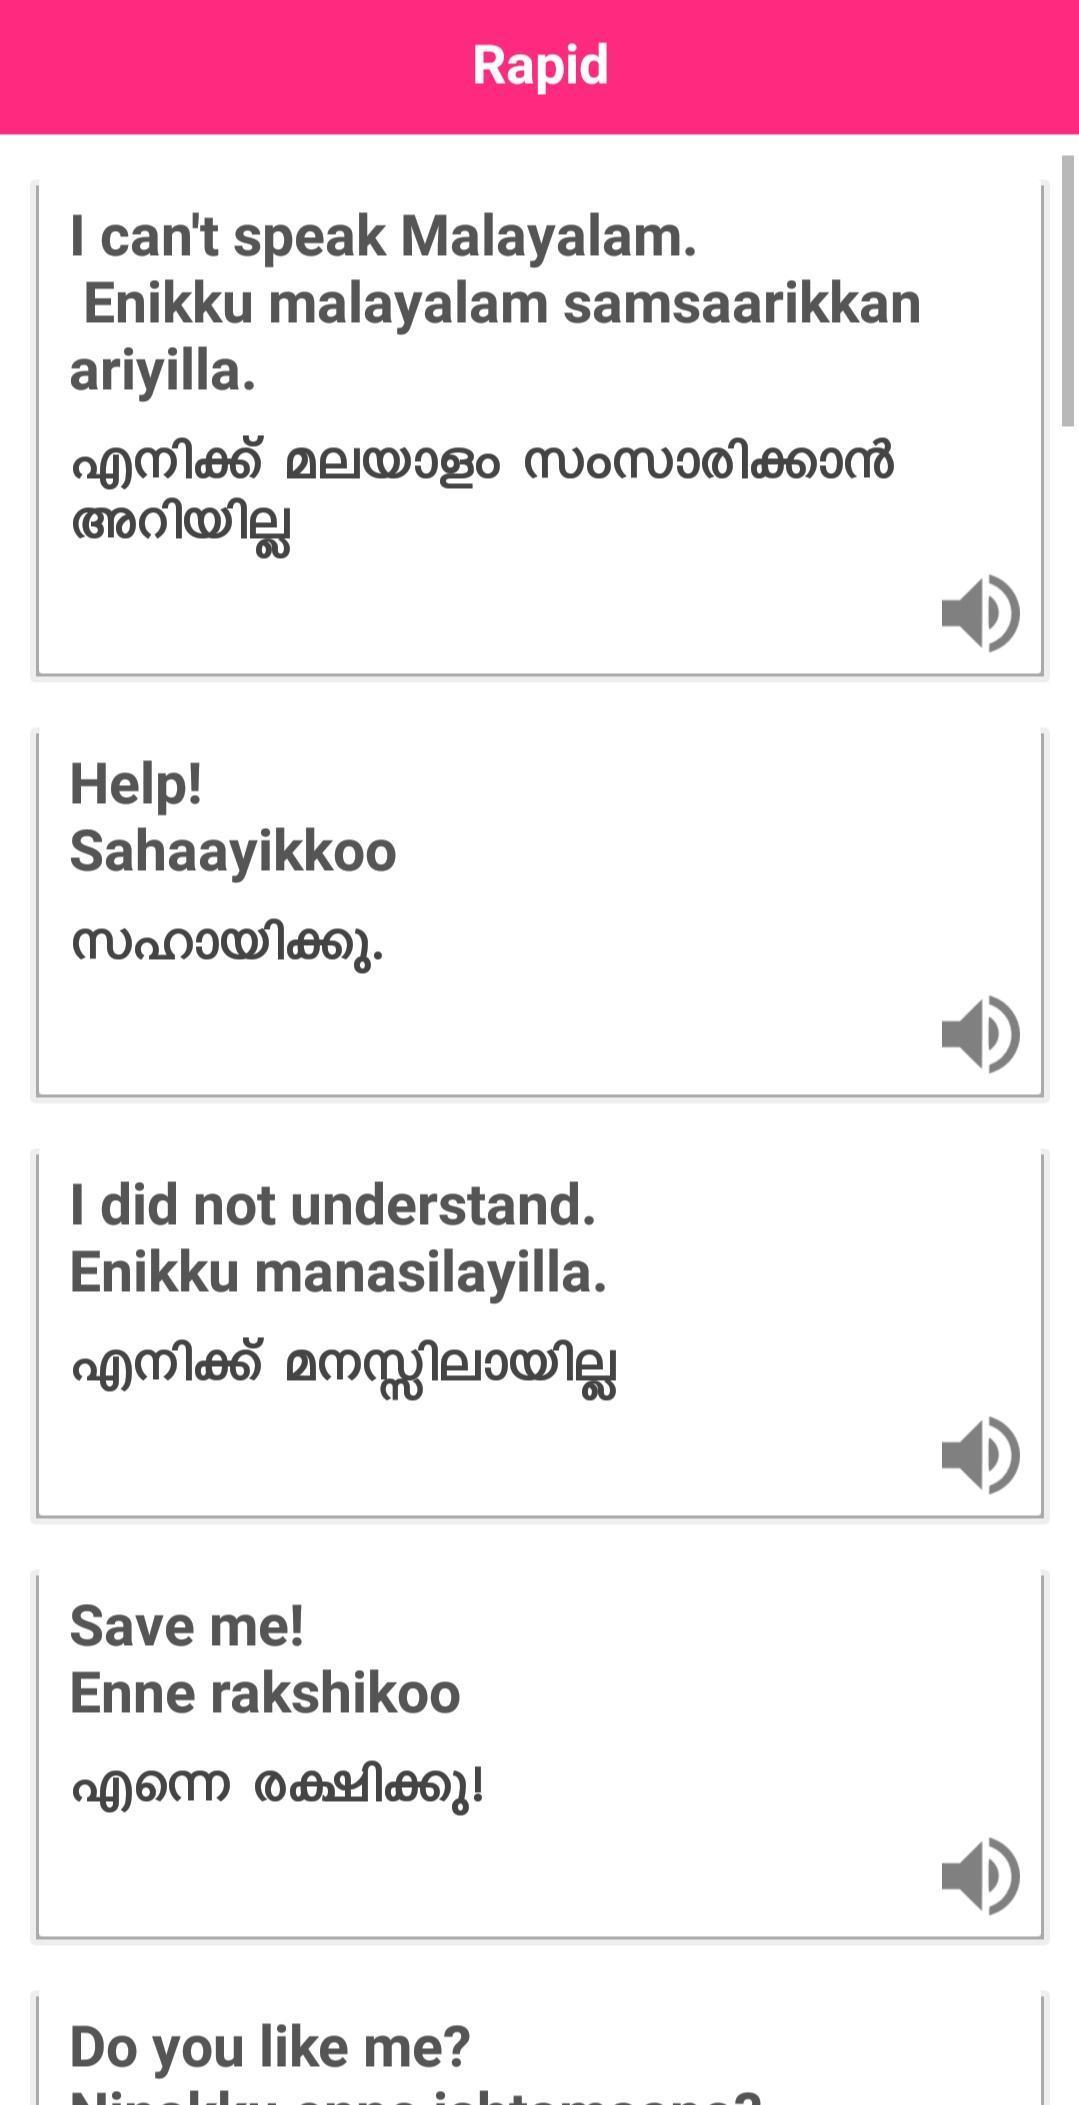 Speak Malayalam poster